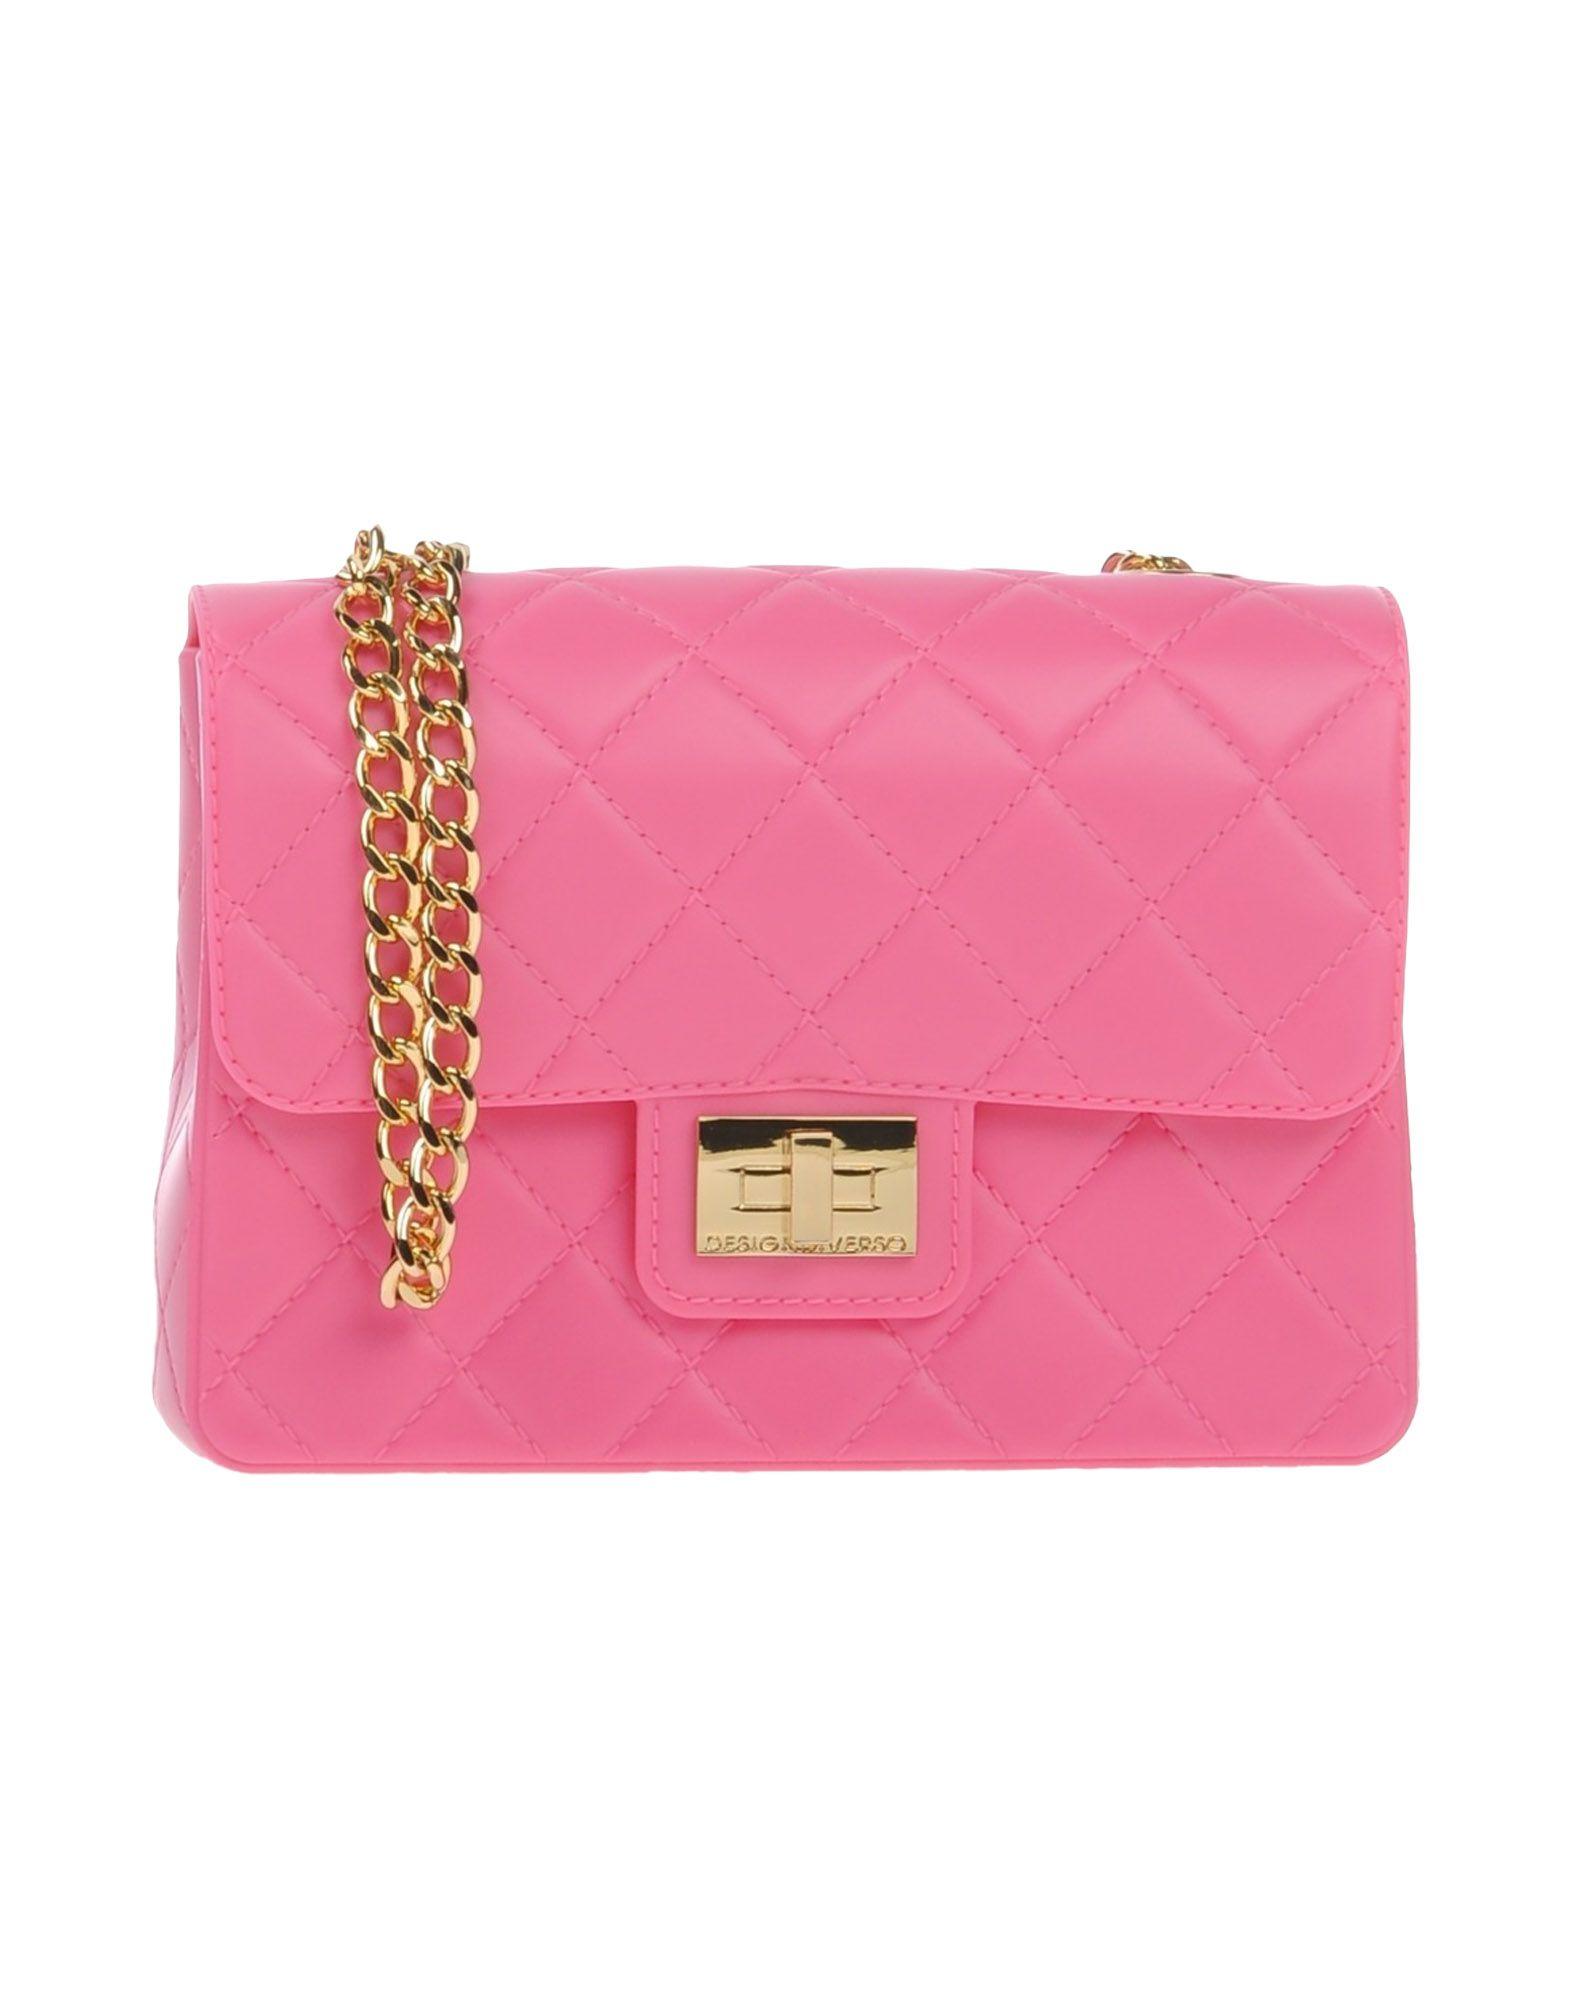 DESIGNINVERSO Handbags